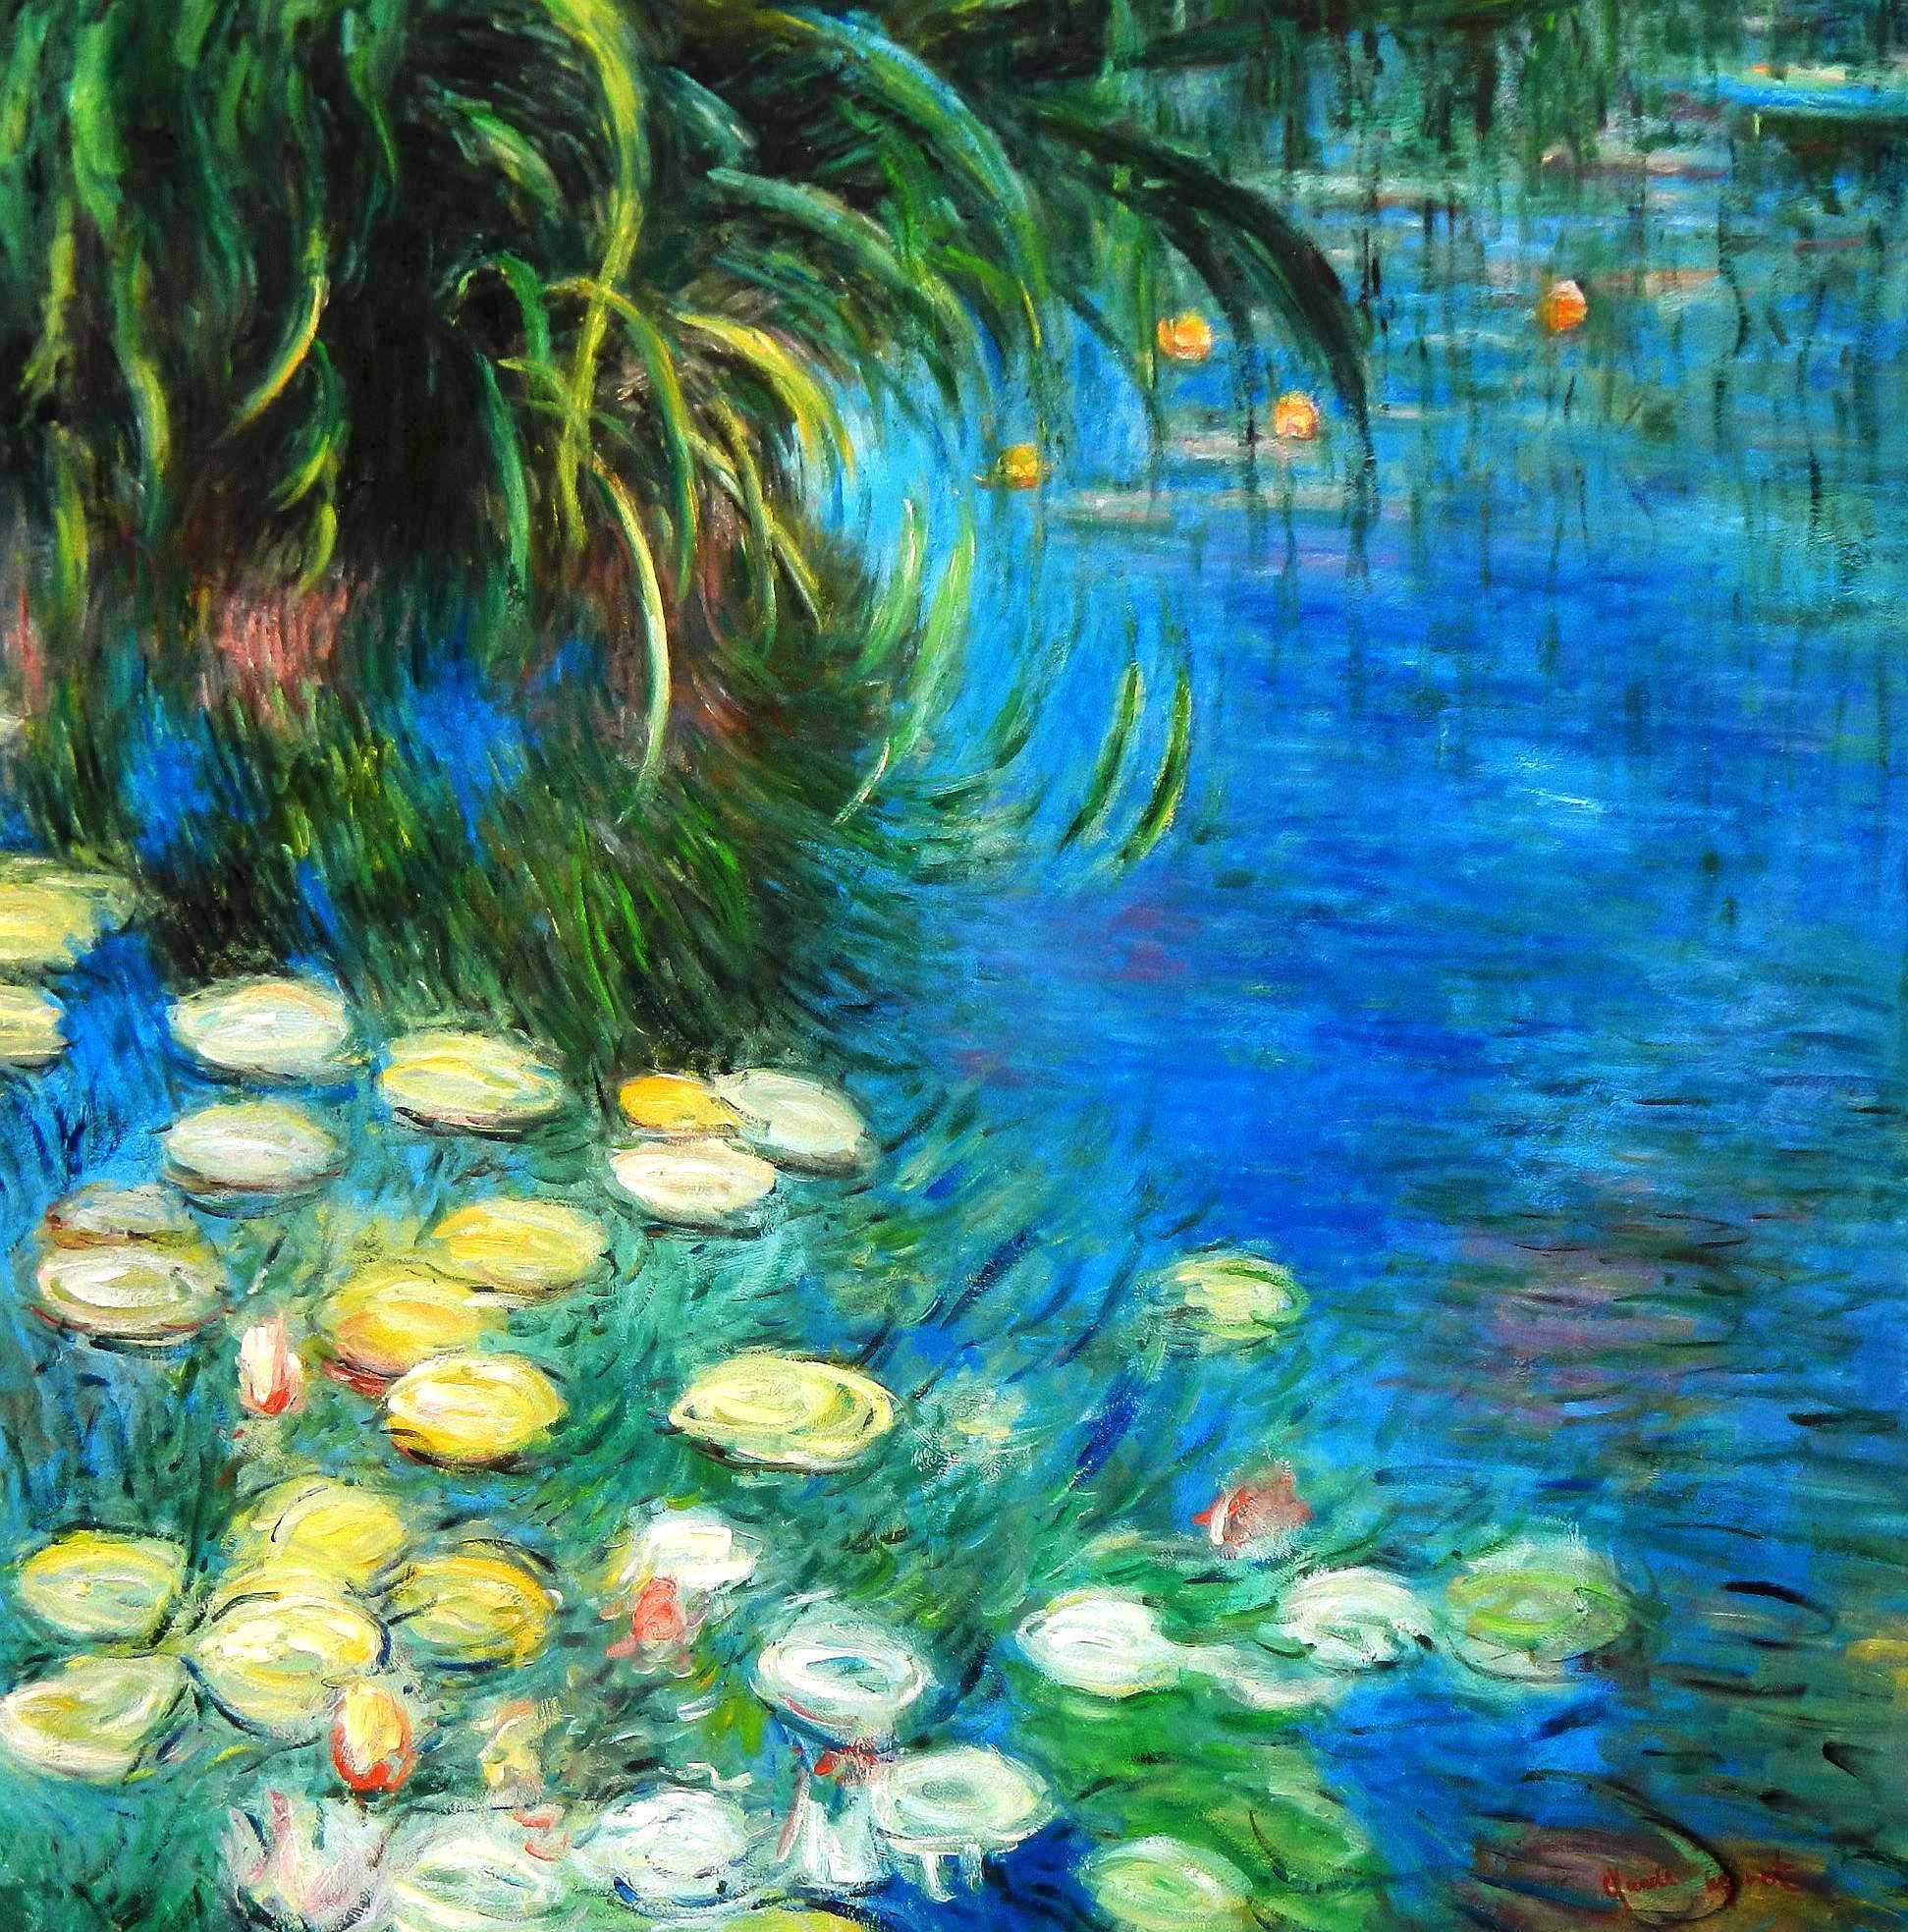 Claude Monet - Seerosen und Schilf m95028 120x120cm Ölgemälde handgemalt